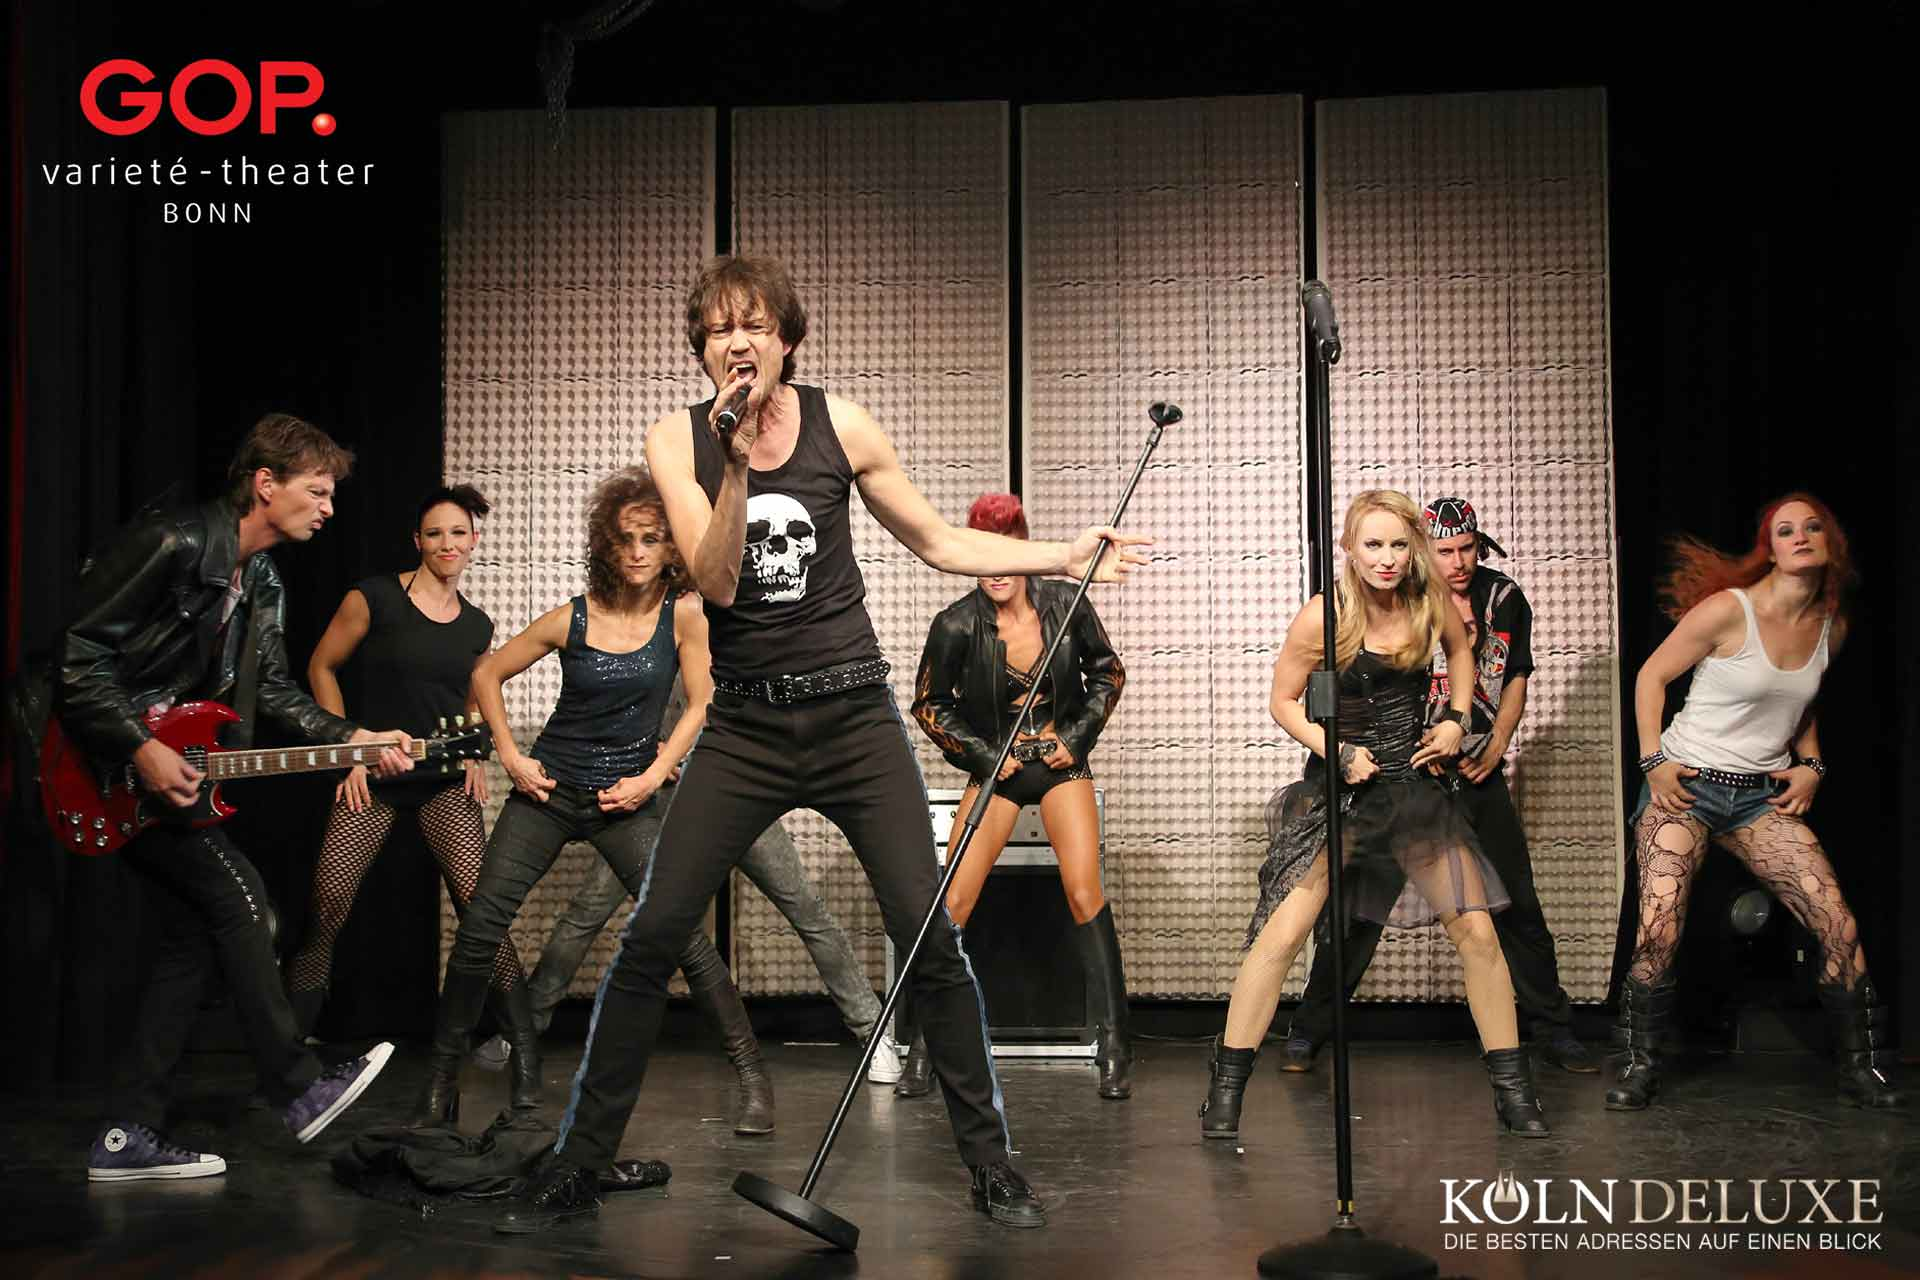 🤘🎸 Rockstar – ehrlich, sexy, wild. Die neue Show im GOP Varieté-Theater Bonn